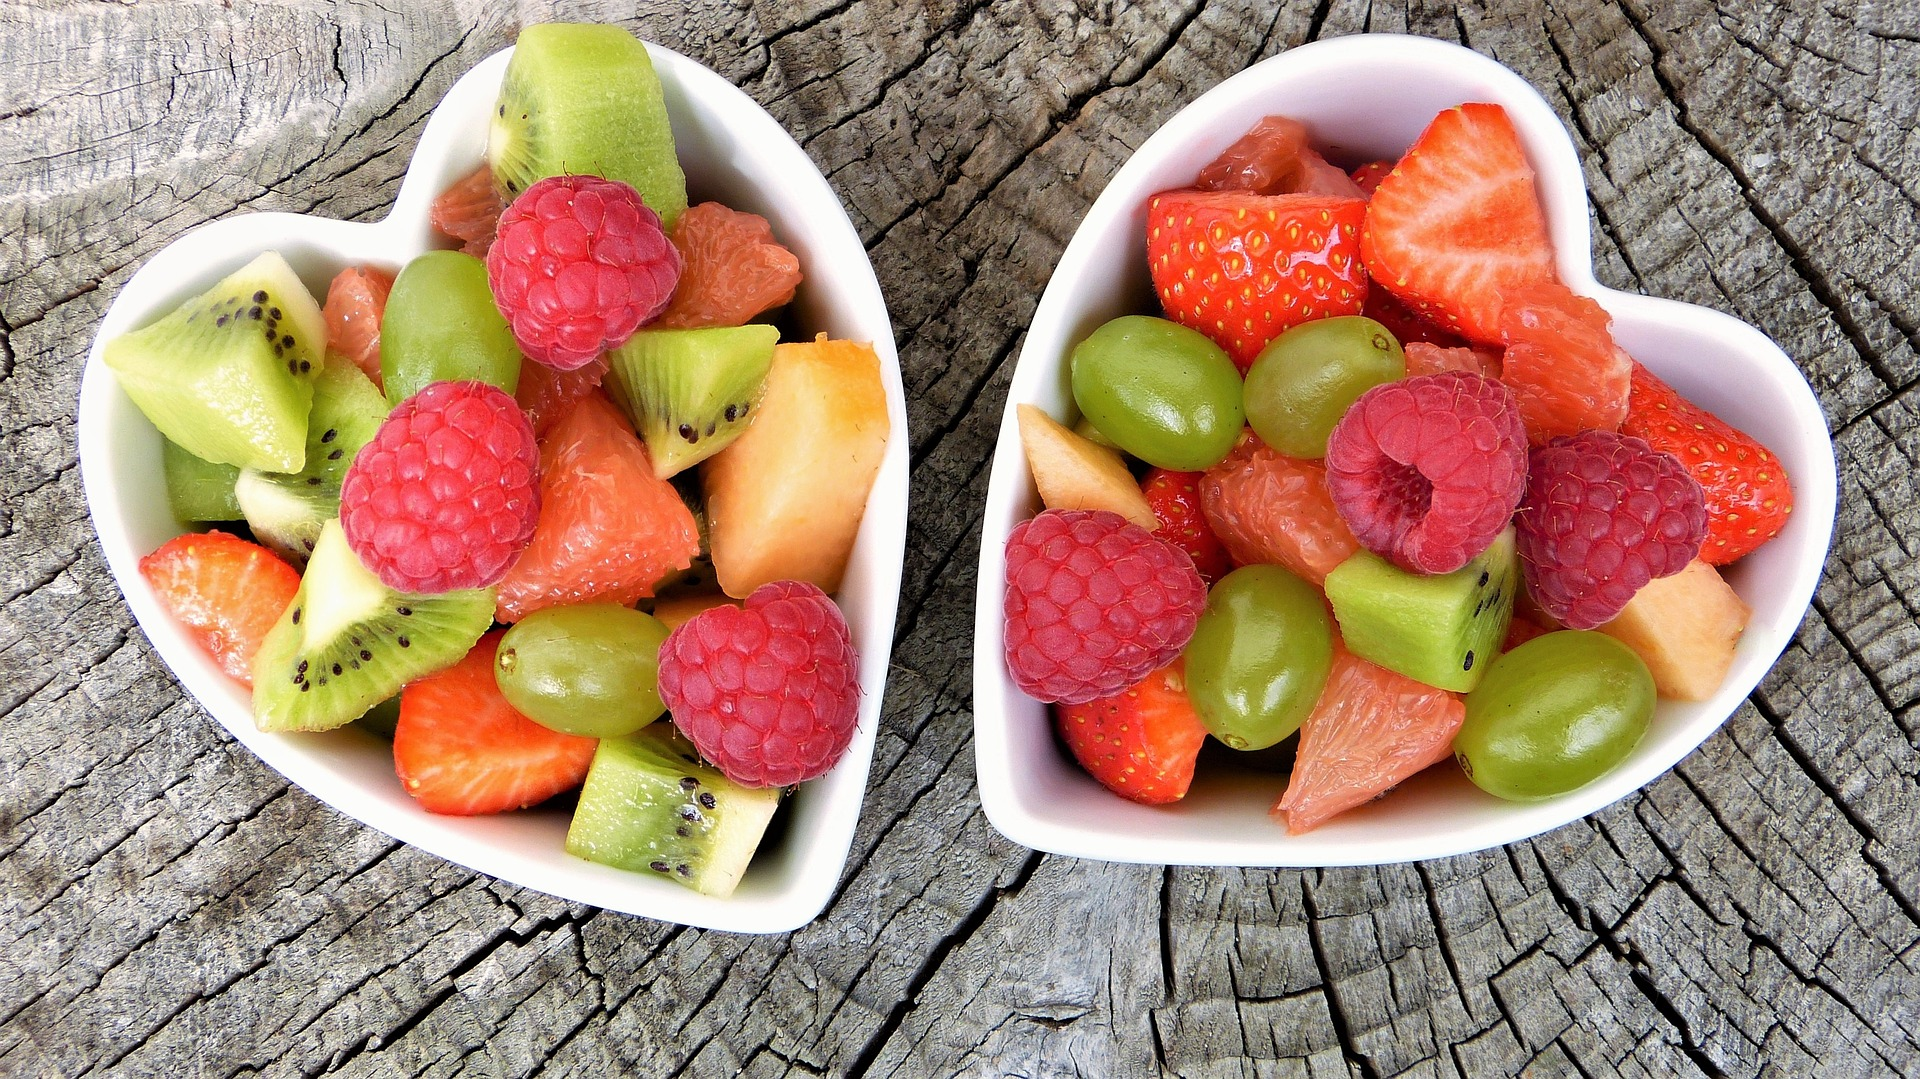 Zdrowa dieta MITY - 2 (fot. pixabay.com)